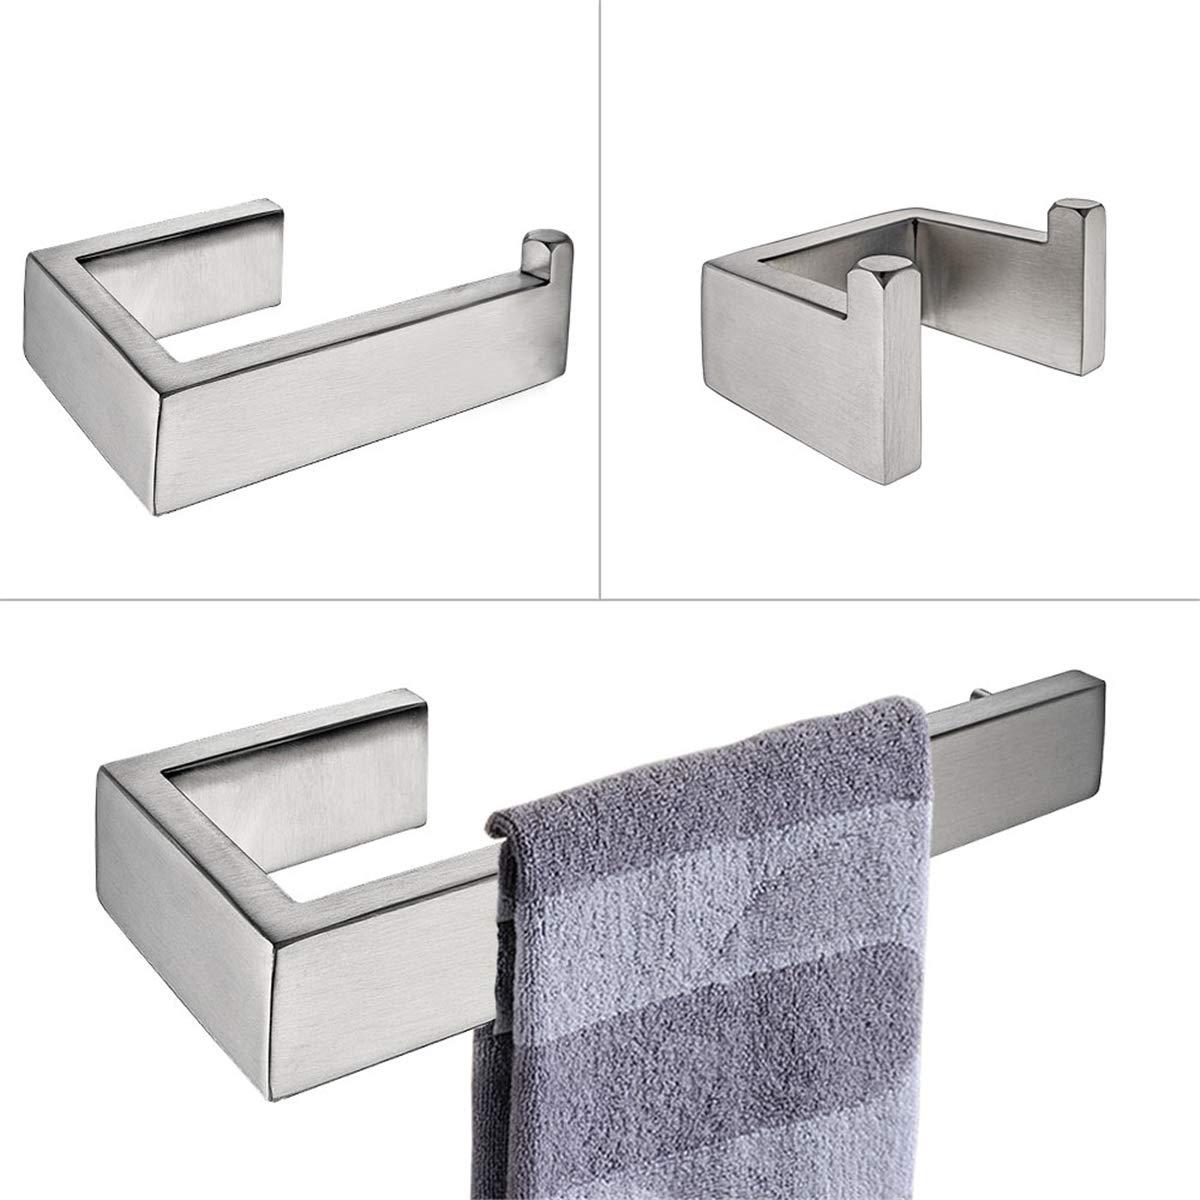 Flybath Handtuchring SUS 304 Edelstahl Geb/ürstetes Silber Handtuchhalter Wandmontage